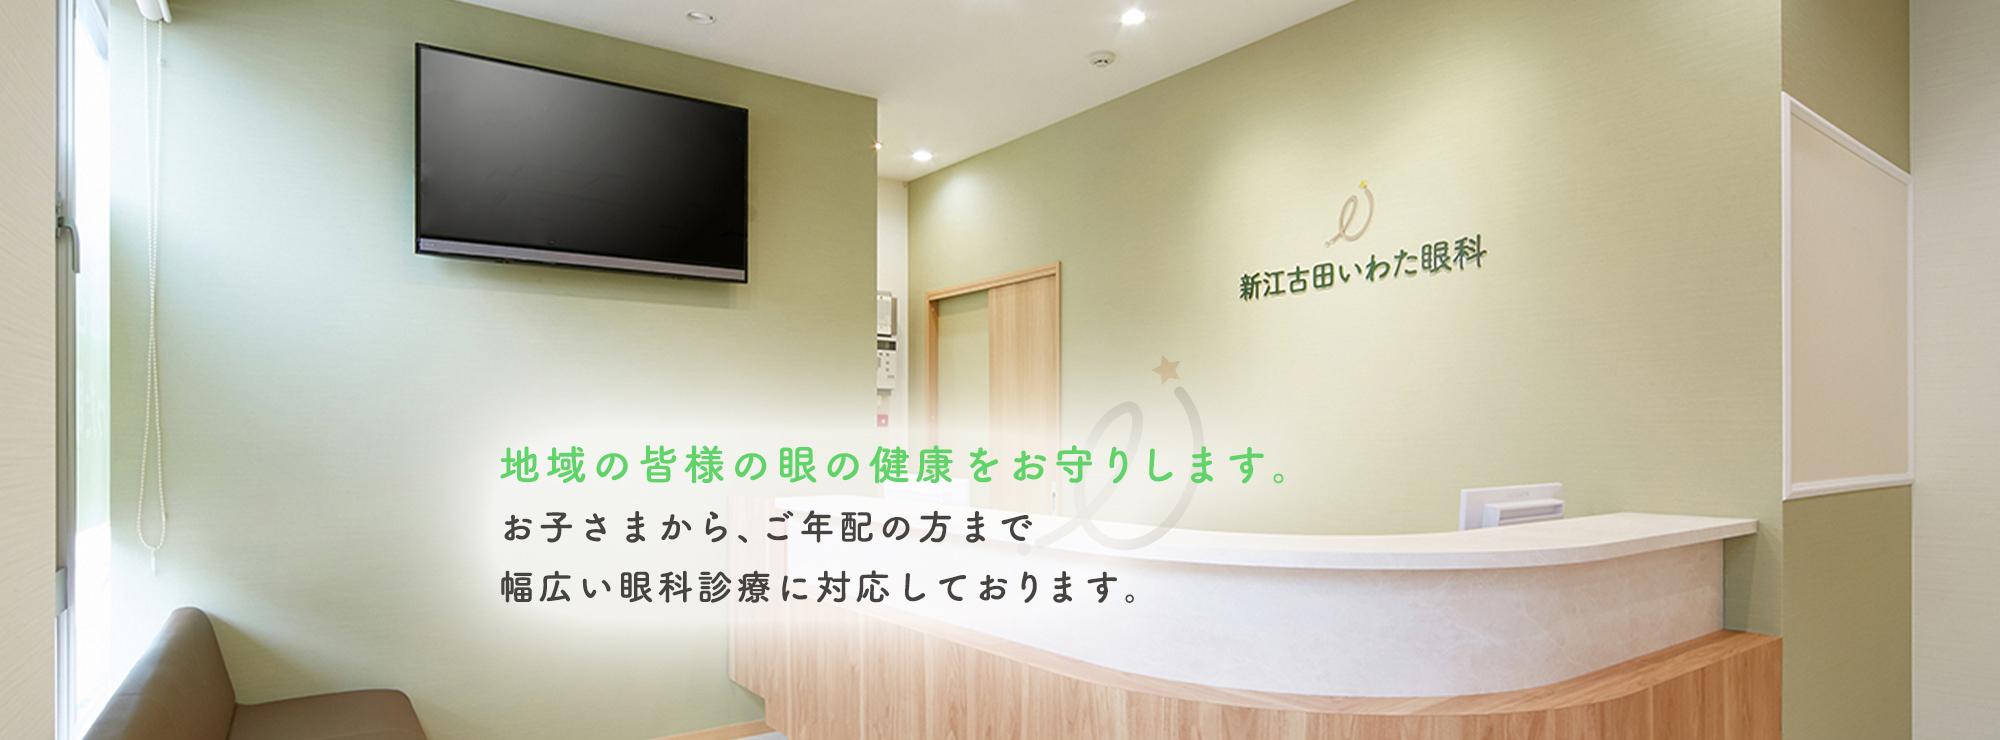 地域の皆様の眼の健康をお守りします。お子さまから、お年寄りの方まで幅広い眼科診療に対応しております。